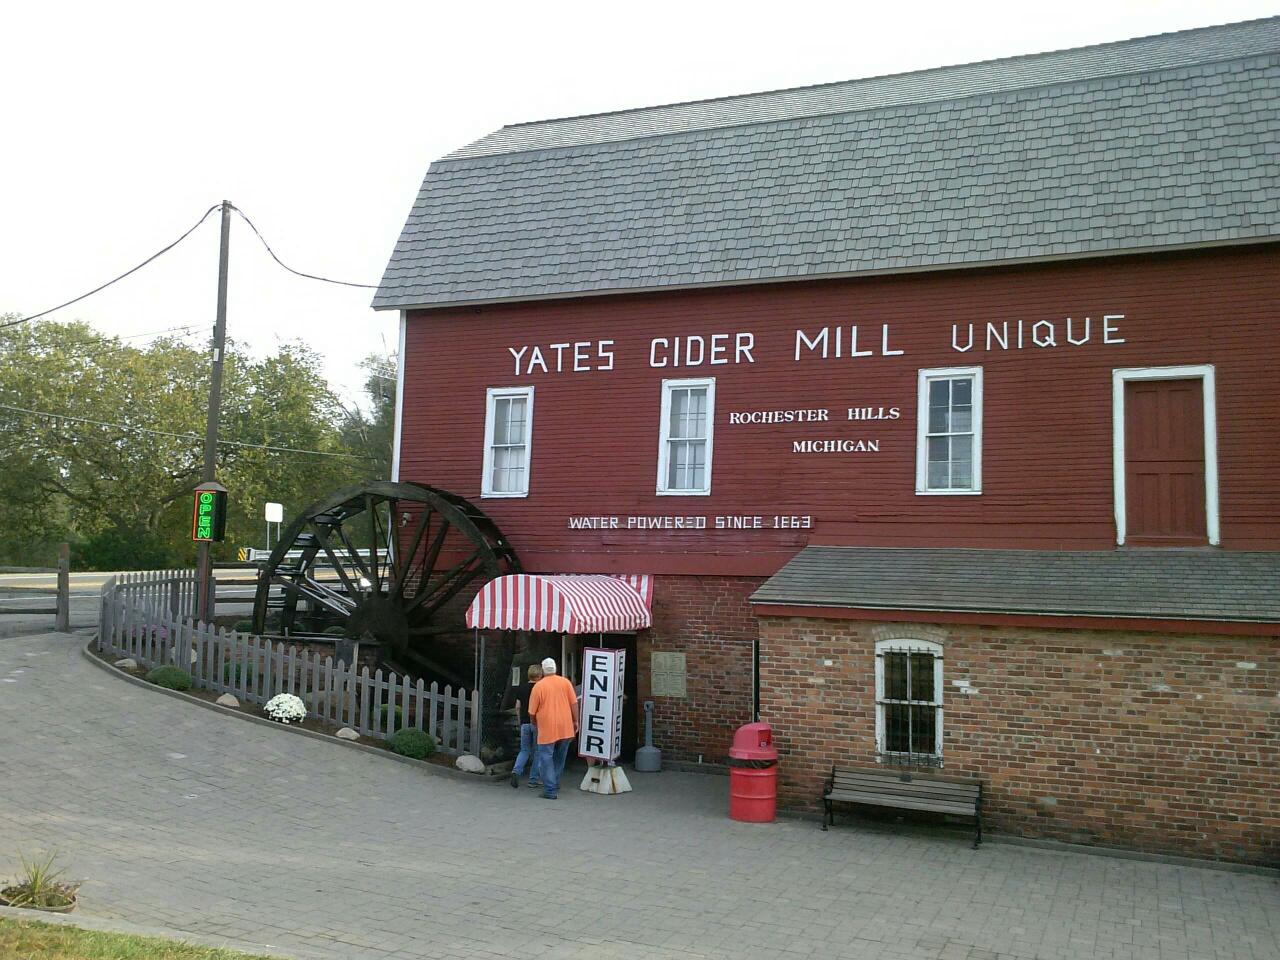 Yates Cider Mill in Rochester Hills, MI